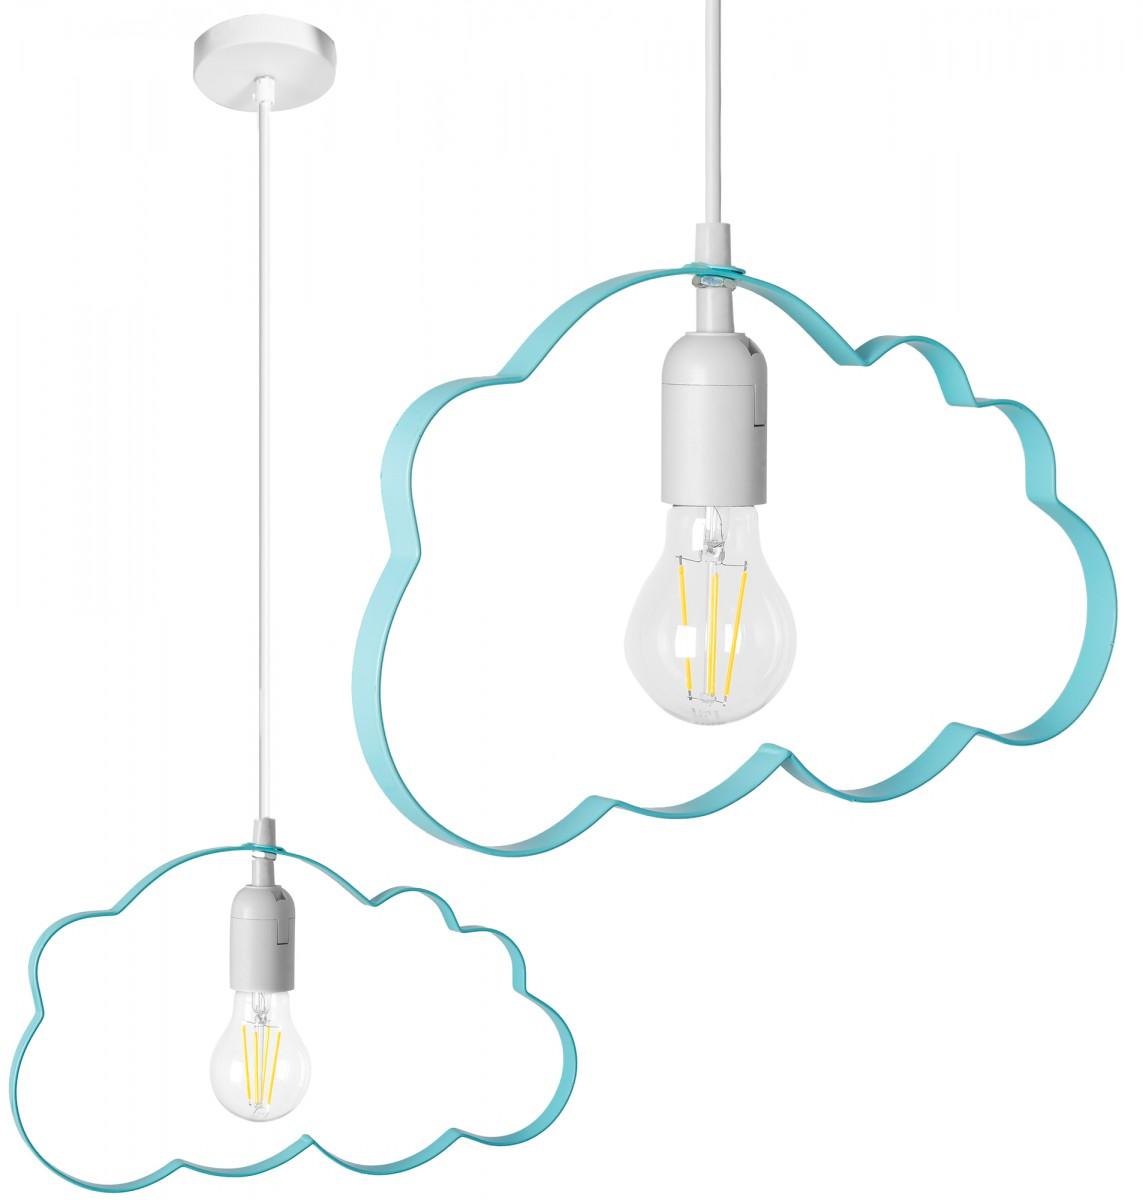 Stropní svítidlo TooLight Cloudie modrá